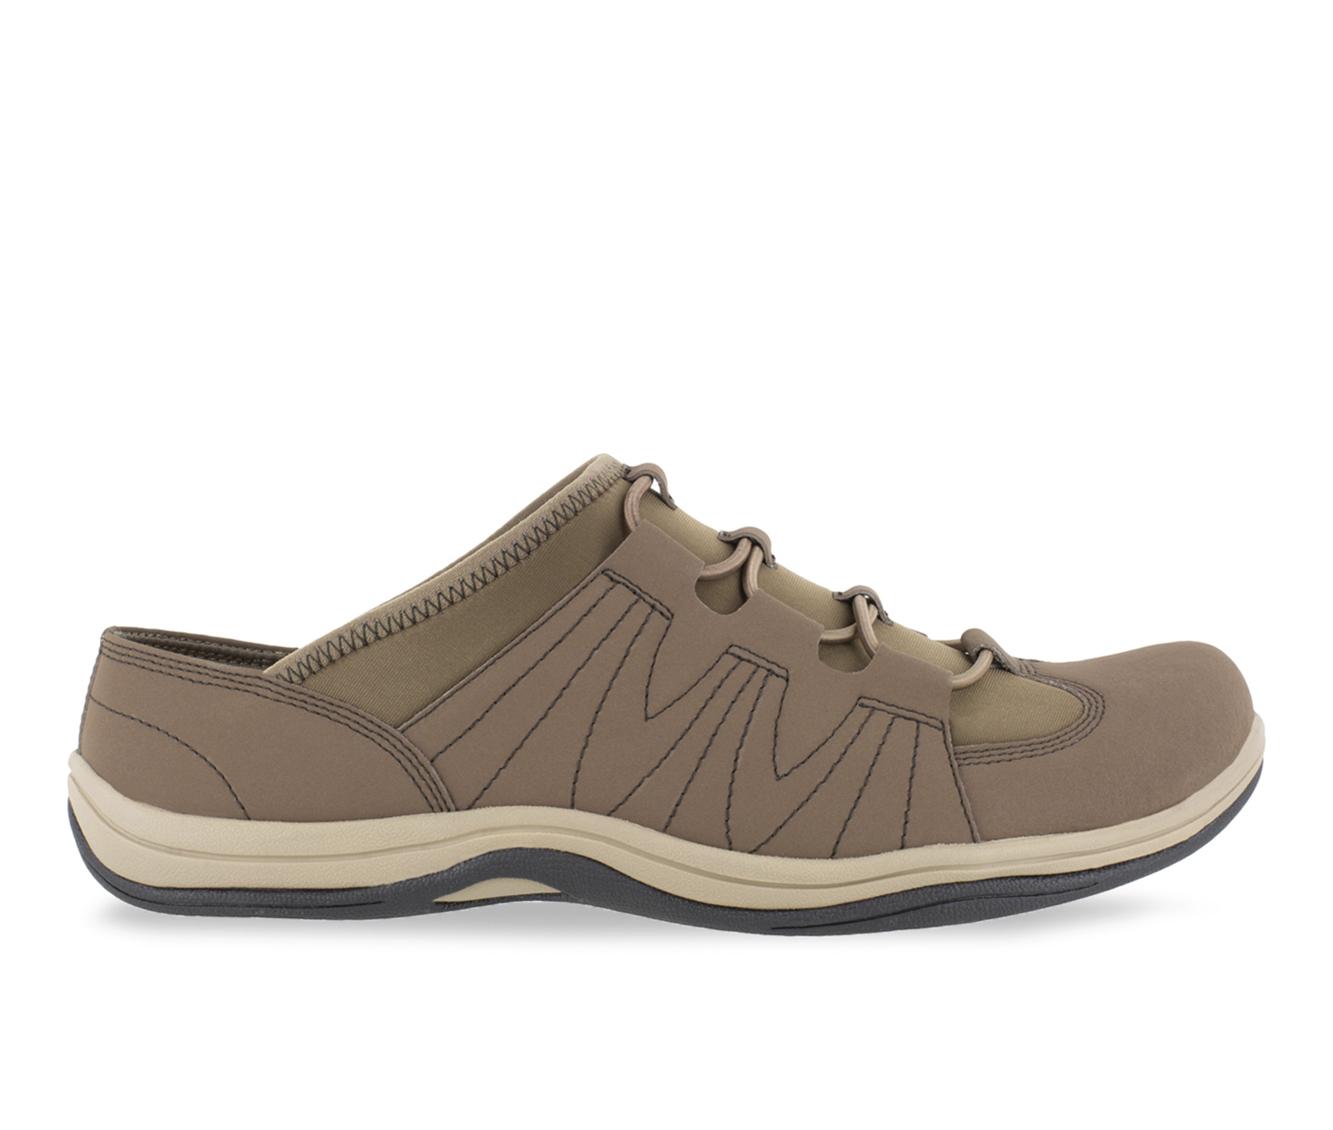 Easy Street Roam Women's Shoe (Brown Leather)